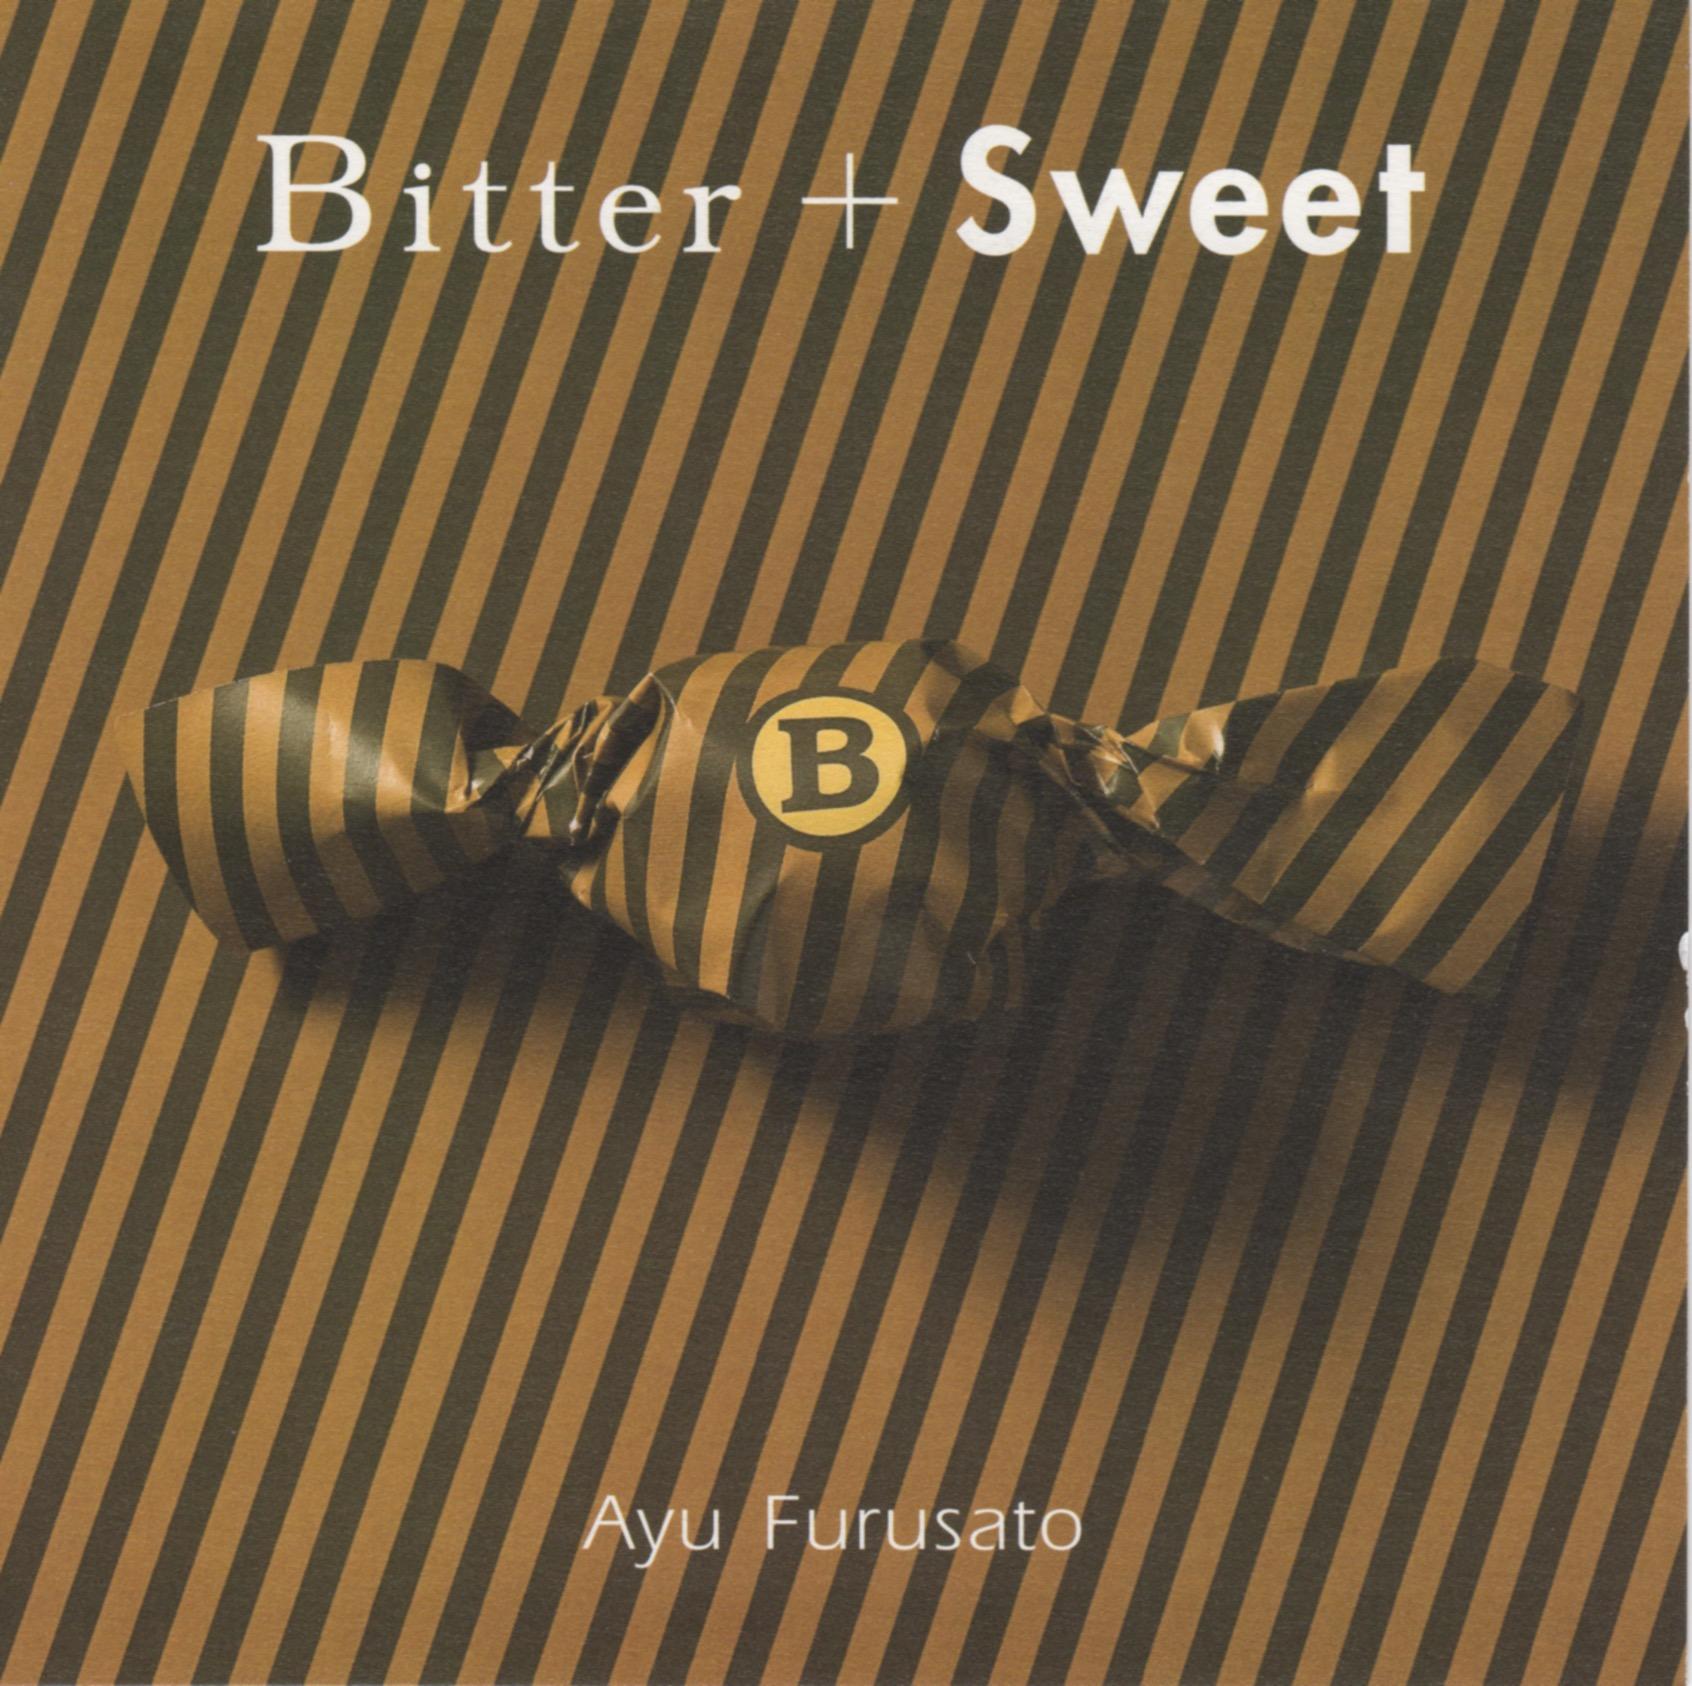 Bitter + Sweet